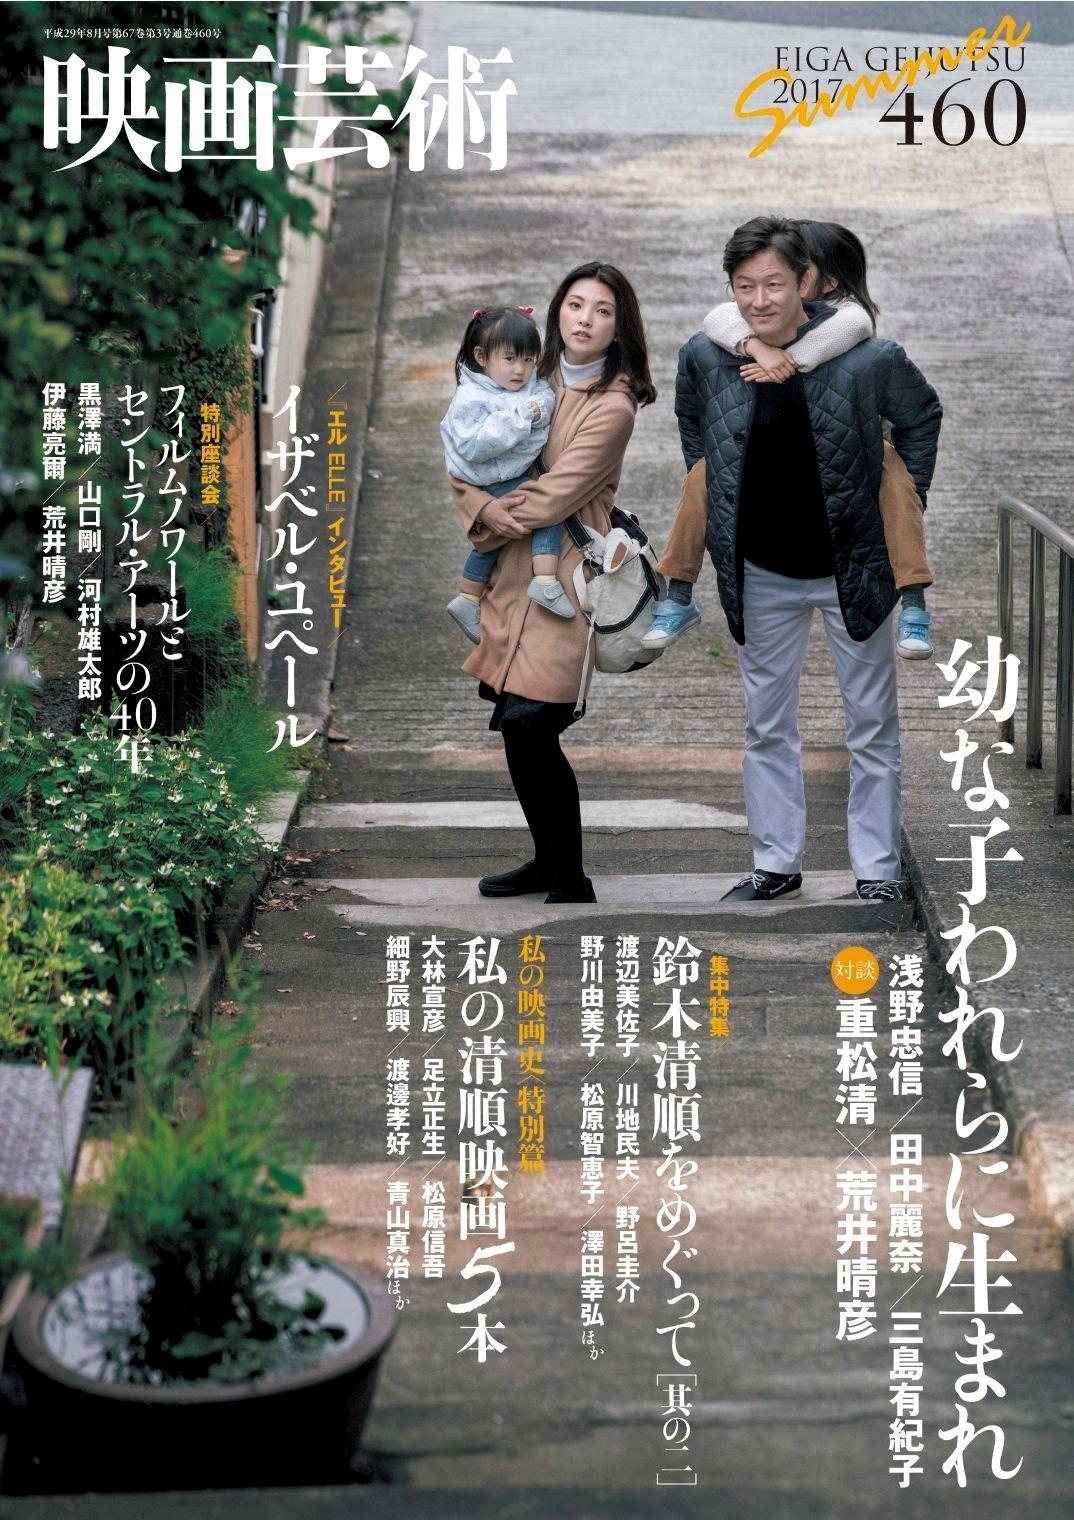 映画芸術460号発売!: 映画芸術